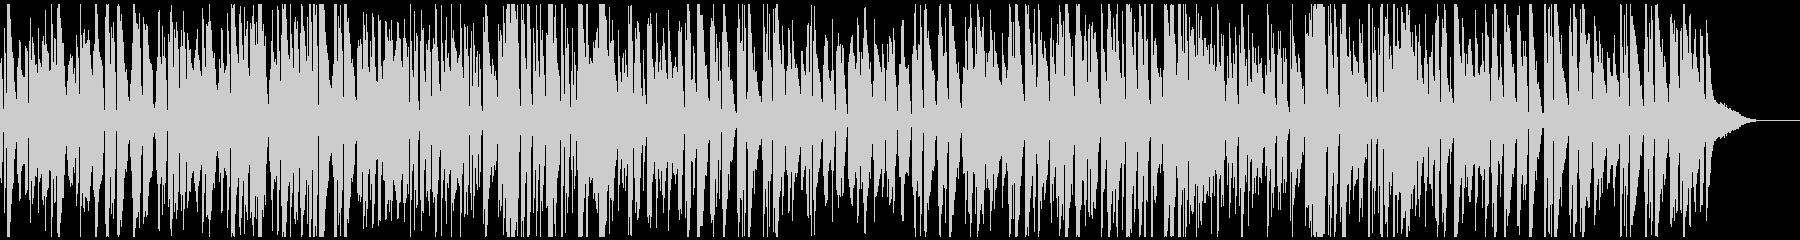 わくわく楽しい冬のピアノジャズトリオの未再生の波形